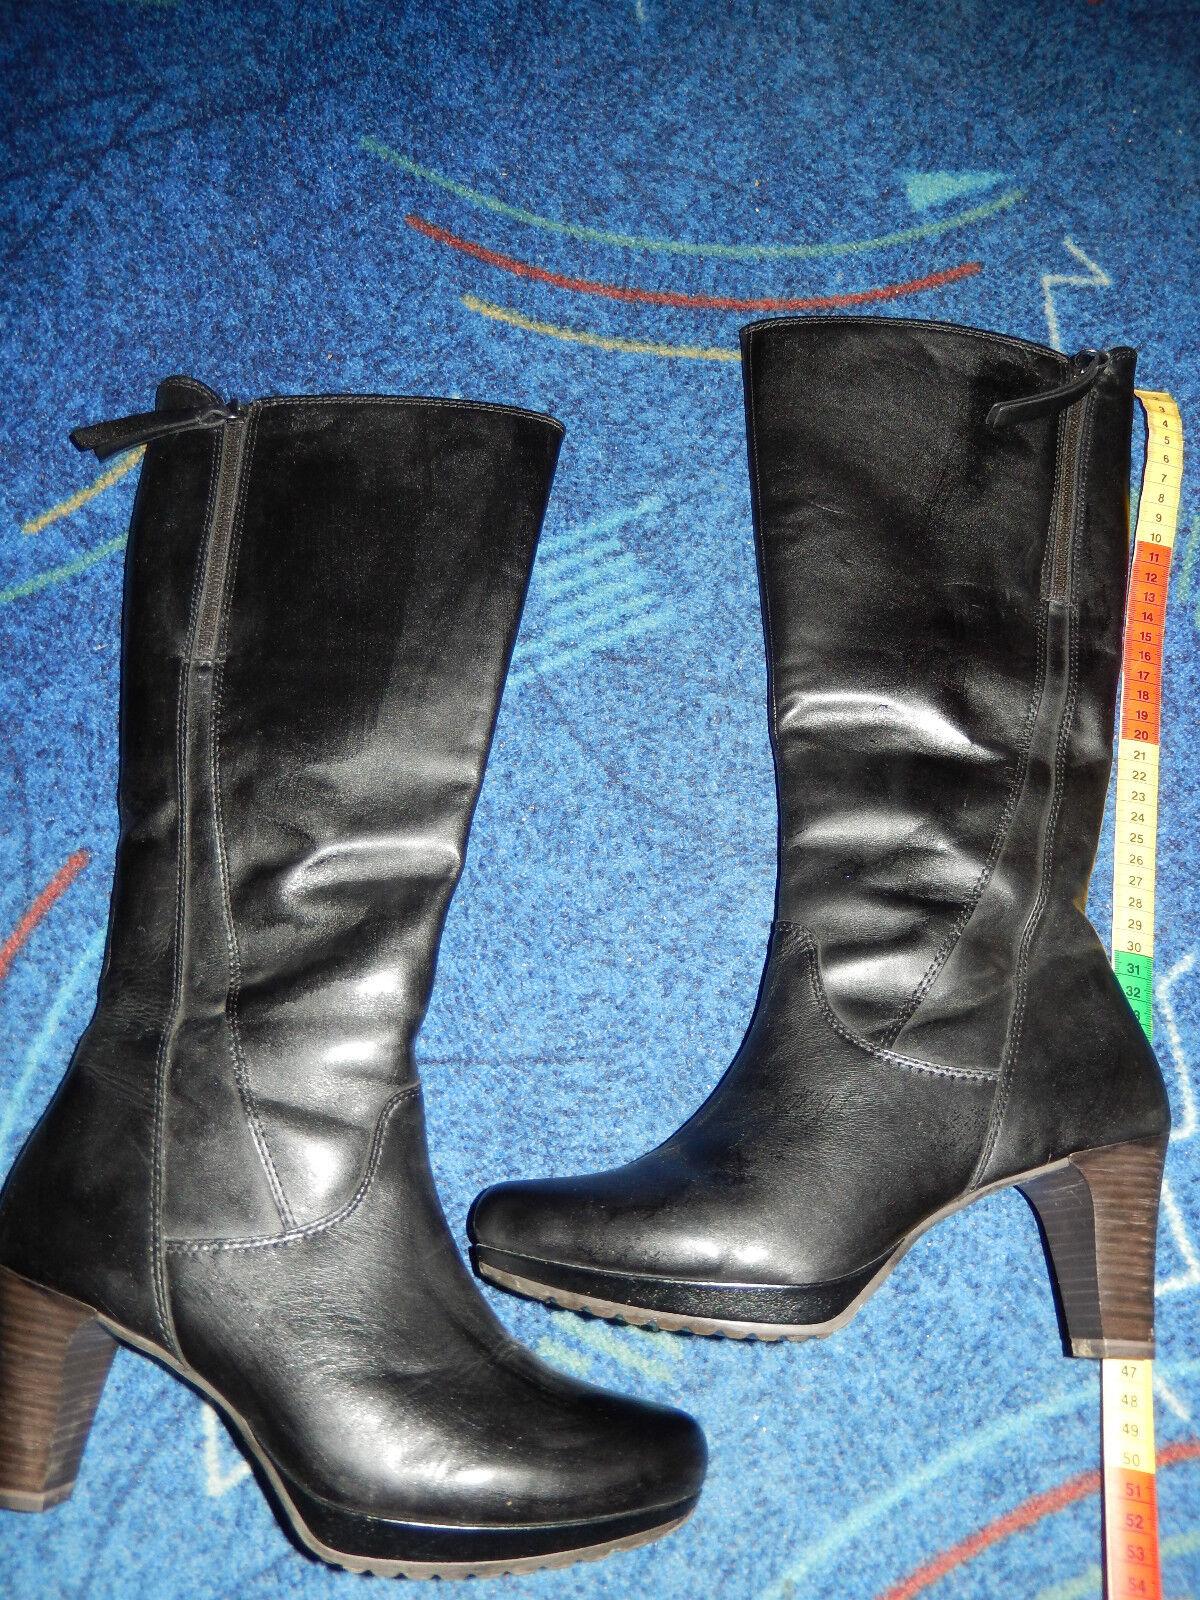 Leder-Party-Stiefel von Tamaris, schwarz, Leder, 1x getragen, getragen, getragen, neuwertig, NP: 27a4c0